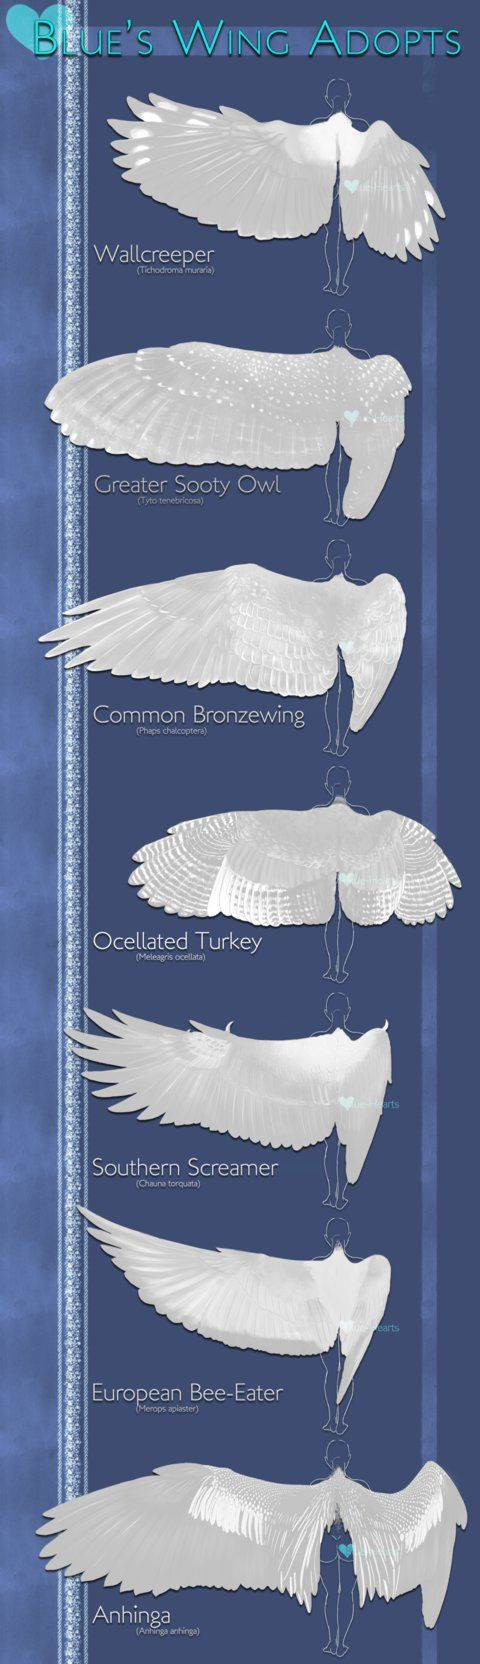 採用:翼は1ブルー・ハーツによって[売り切れ]